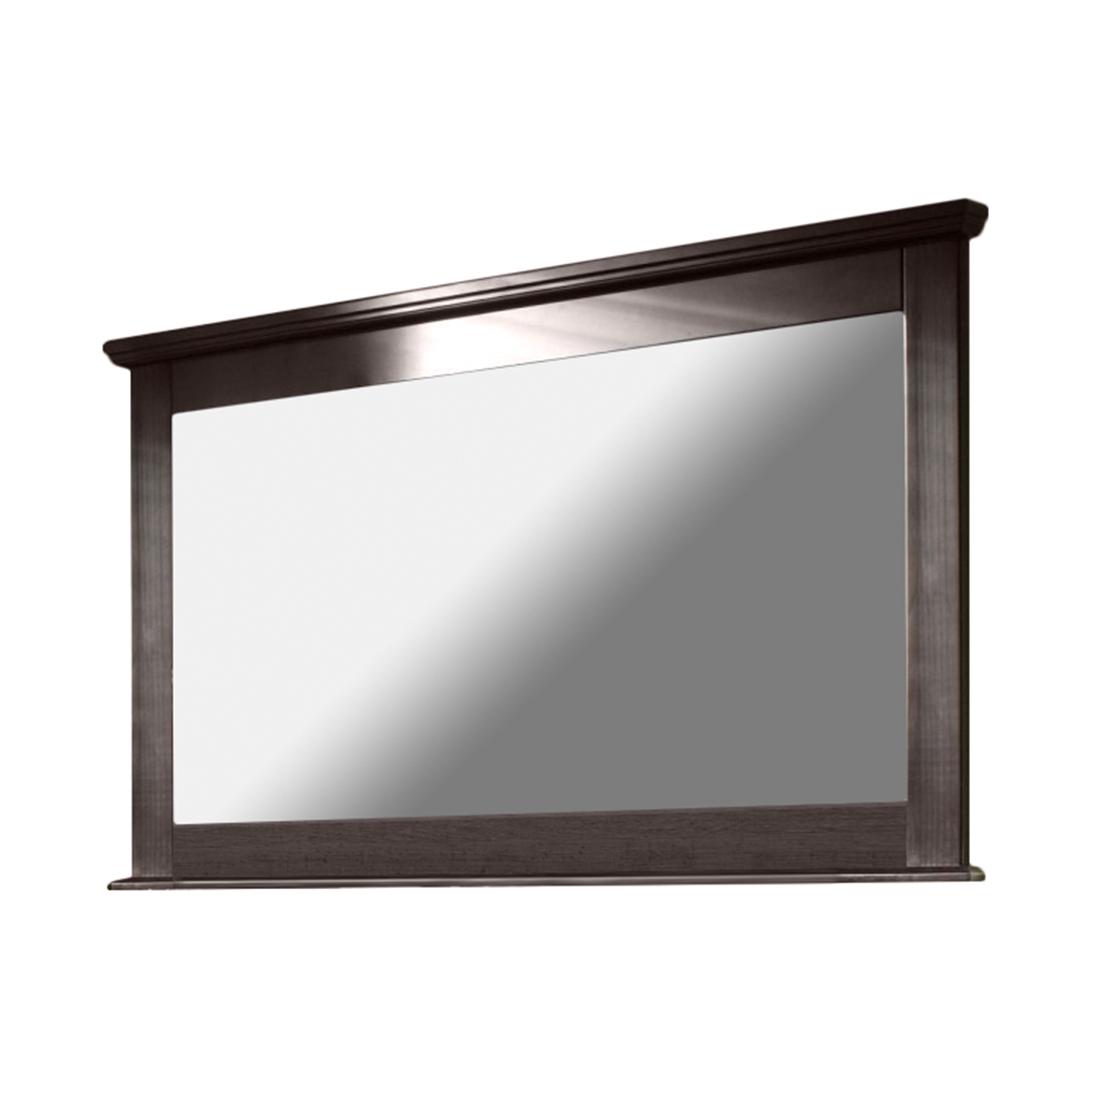 spiegel wandspiegel kolonialstil kiefer massiv. Black Bedroom Furniture Sets. Home Design Ideas